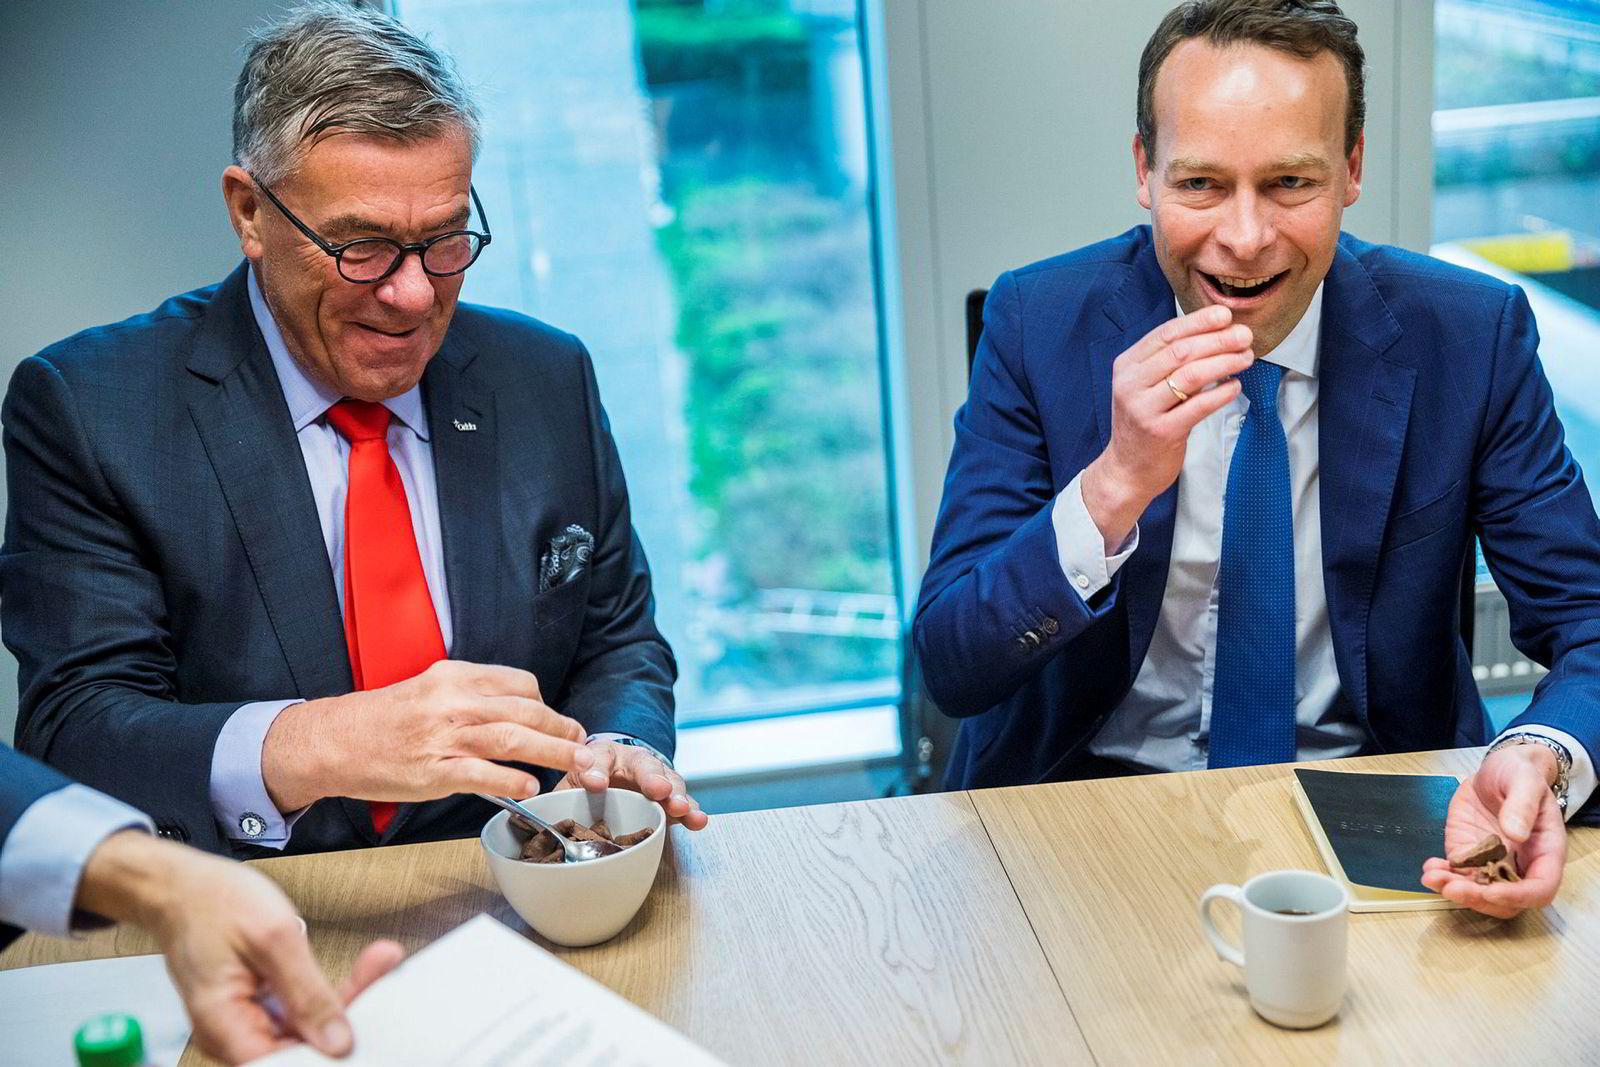 Jaan Ivar Semlitsch' favoritt er Bamsemums, men her ble han servert Smash av Orklas styreleder Stein Erik Hagen da den nåværende Elkjøp-sjefen ble presentert som ny toppsjef i Orkla.